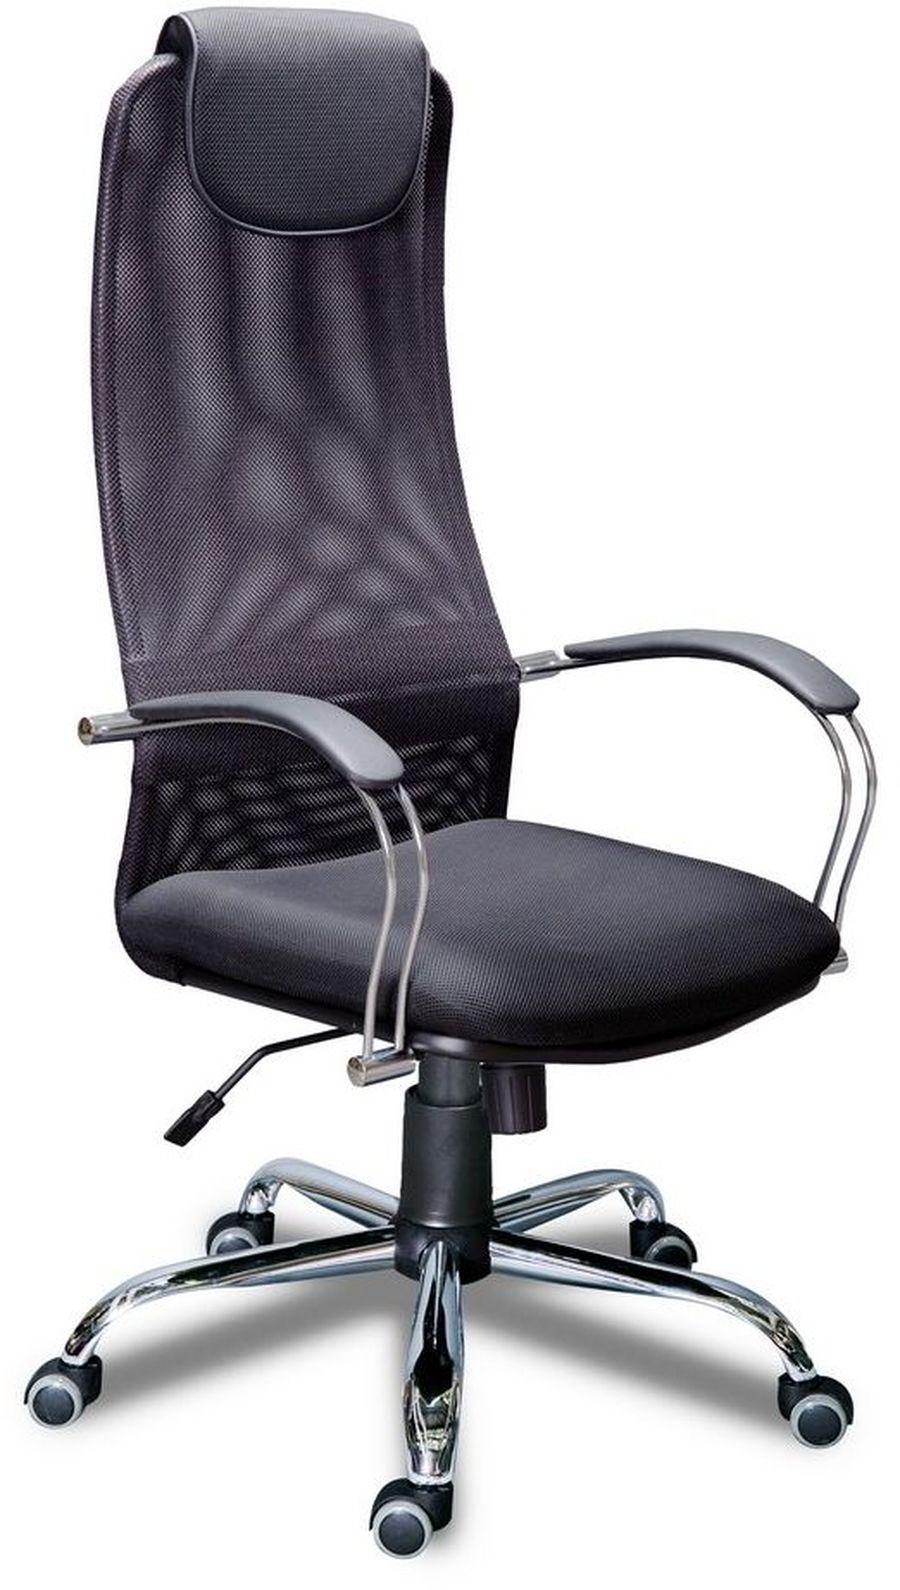 Компьютерное кресло Фокс хром/Ткань сетка черная